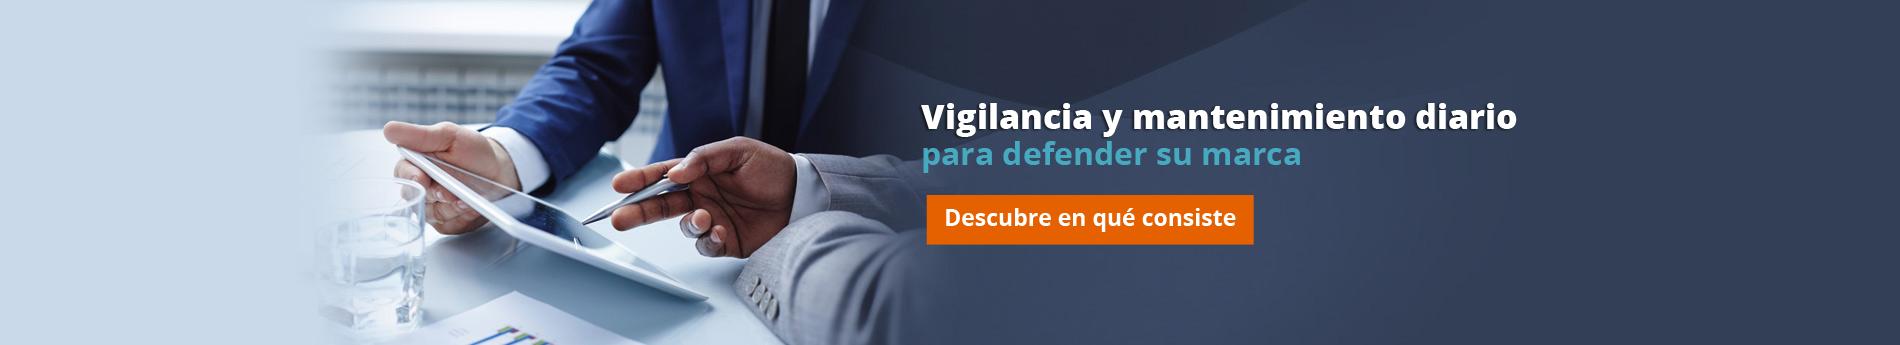 vigilancia-slide1